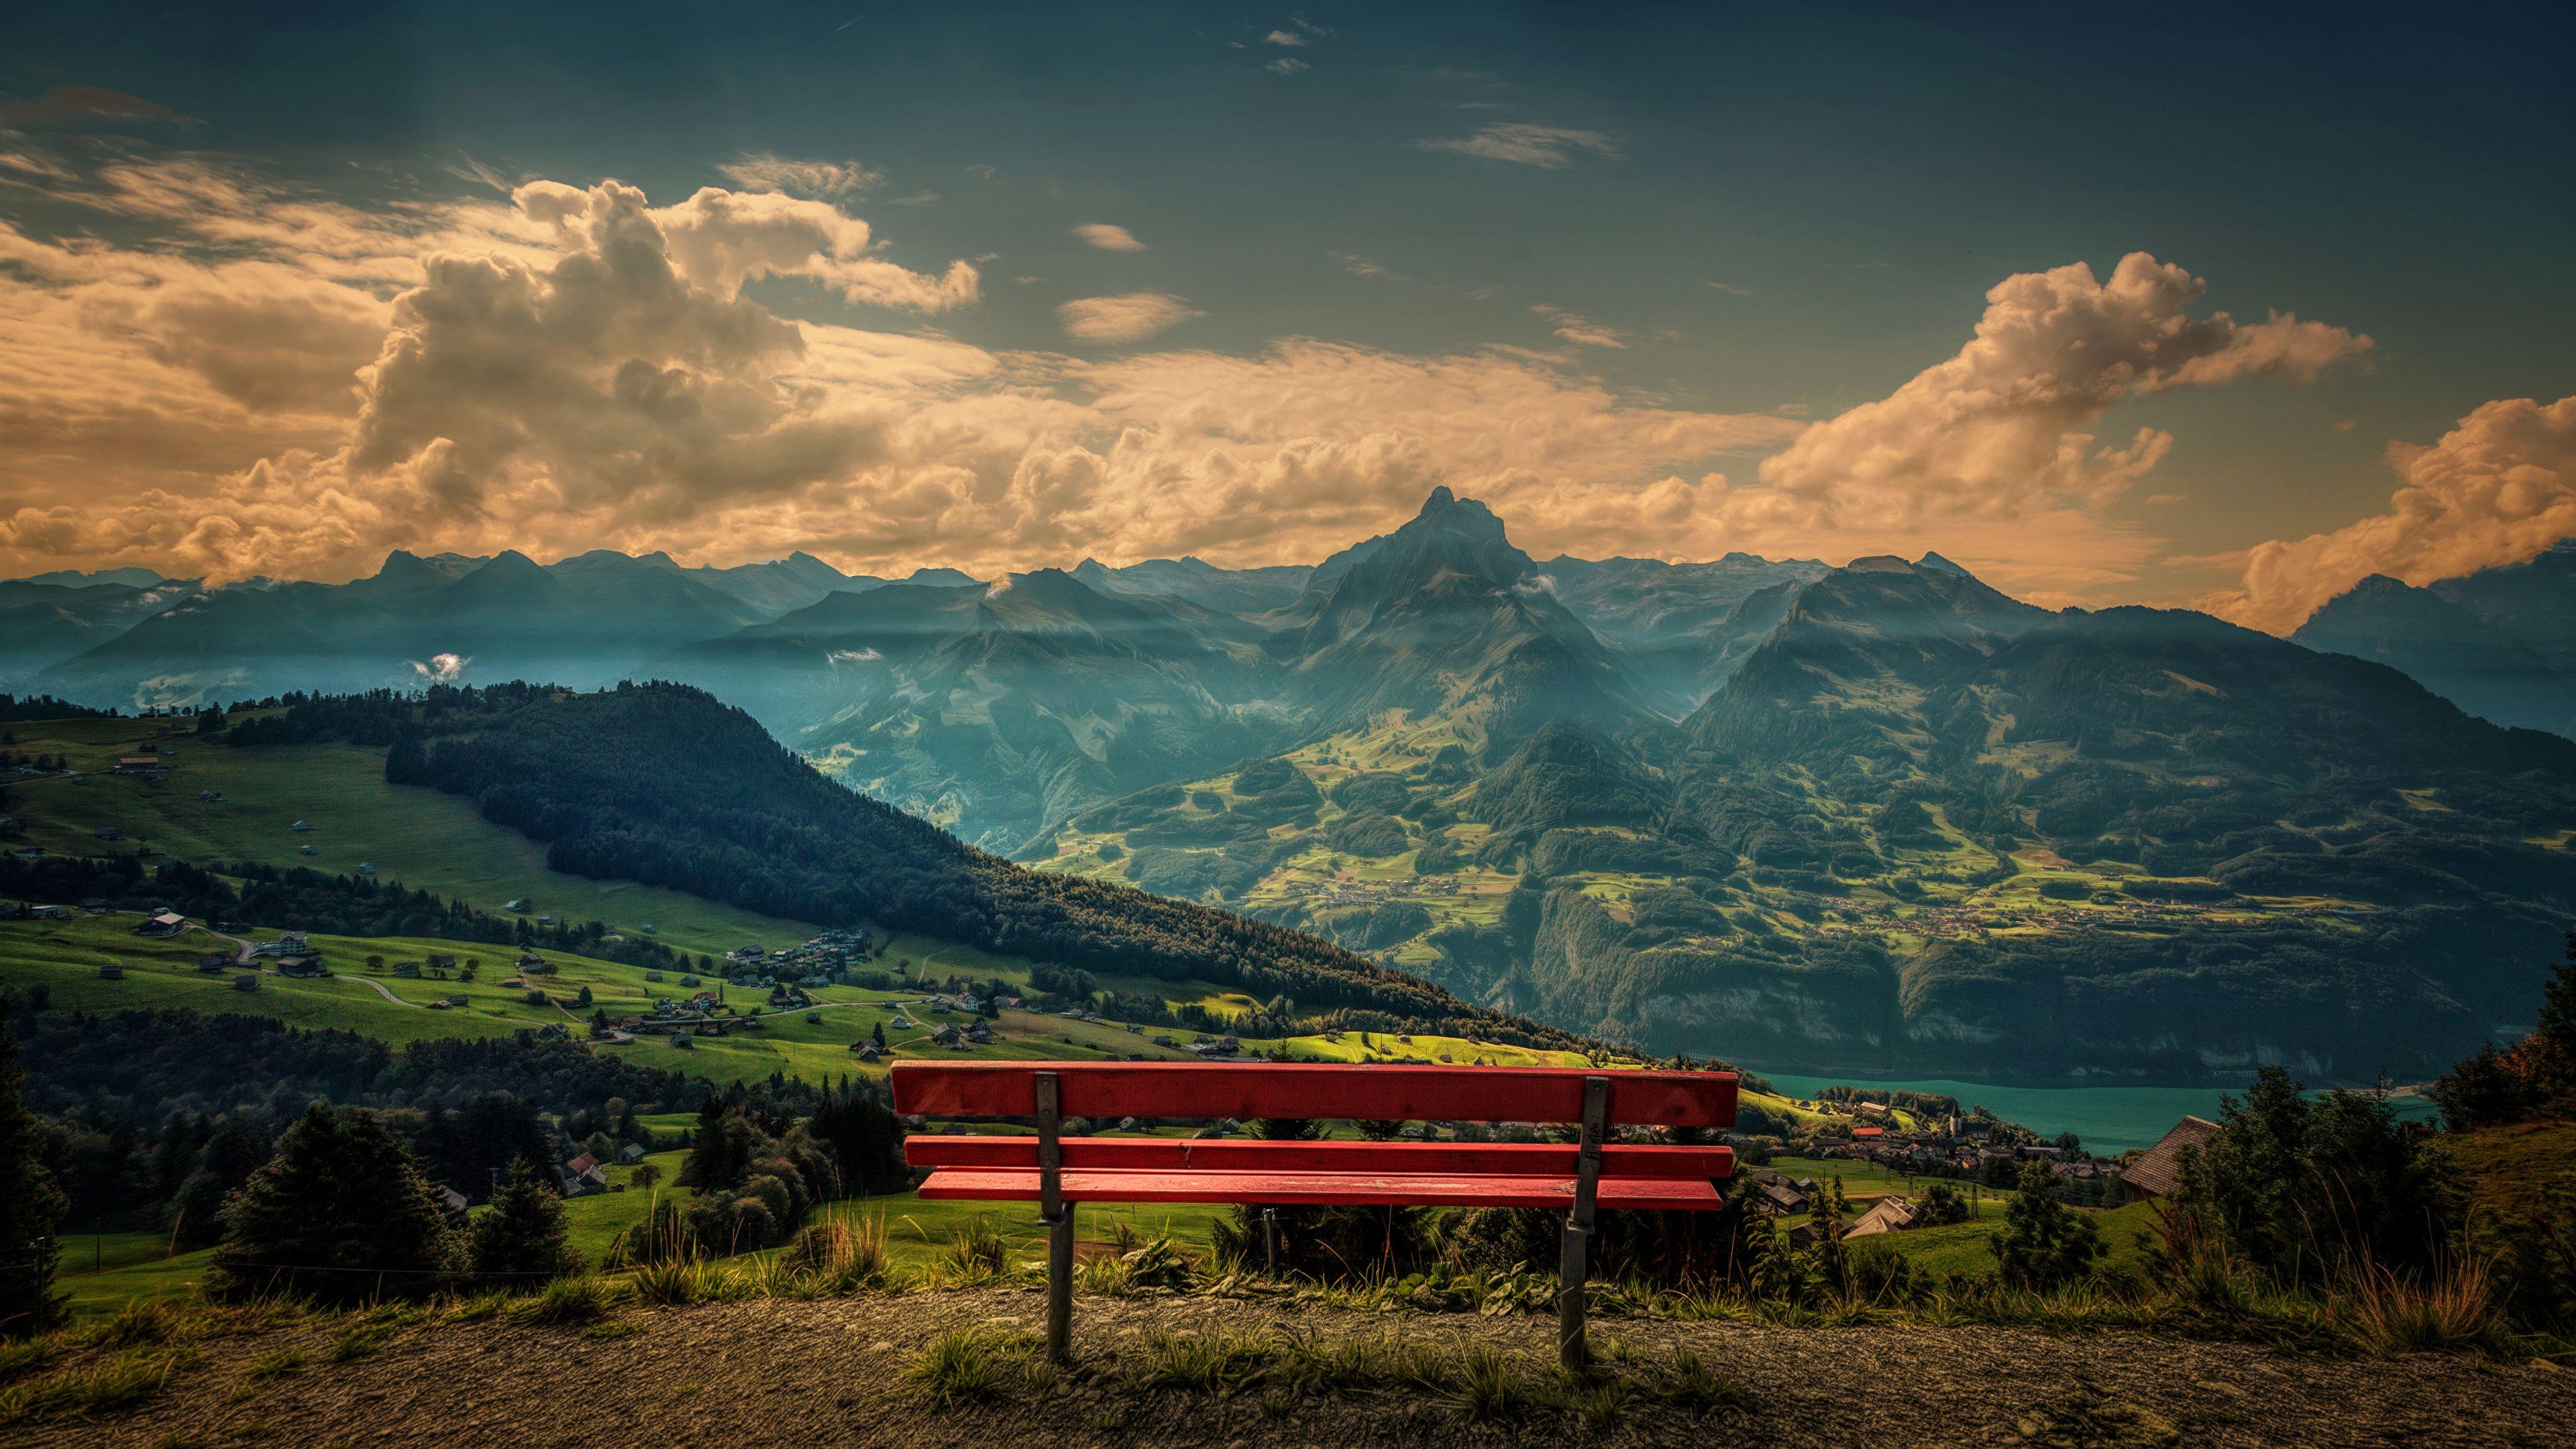 Switzerland Scenery 3840×2160 4K Wallpapers Landscape